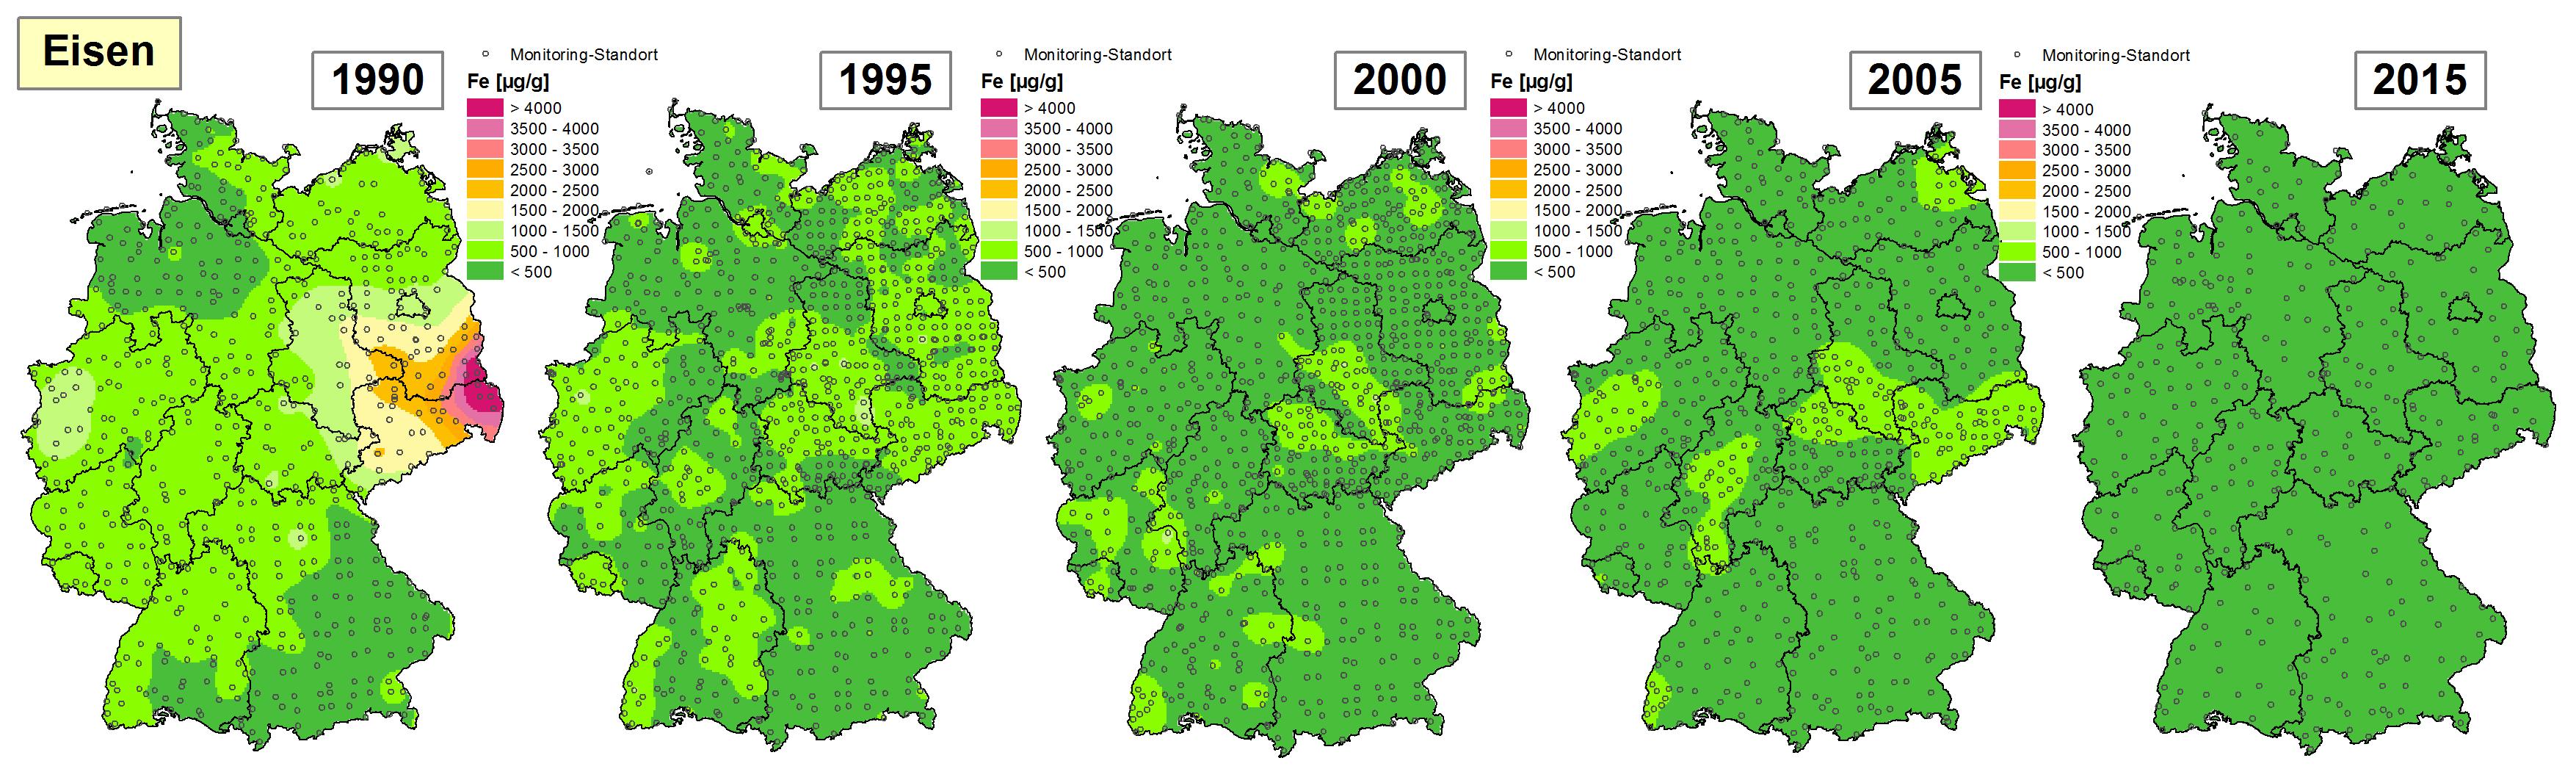 Die Grafik zeigt die Höhe der Bioakkumulation von Eisen und Entwicklung dieser Konzentration von 1990 bis 2015/16 in Deutschland.